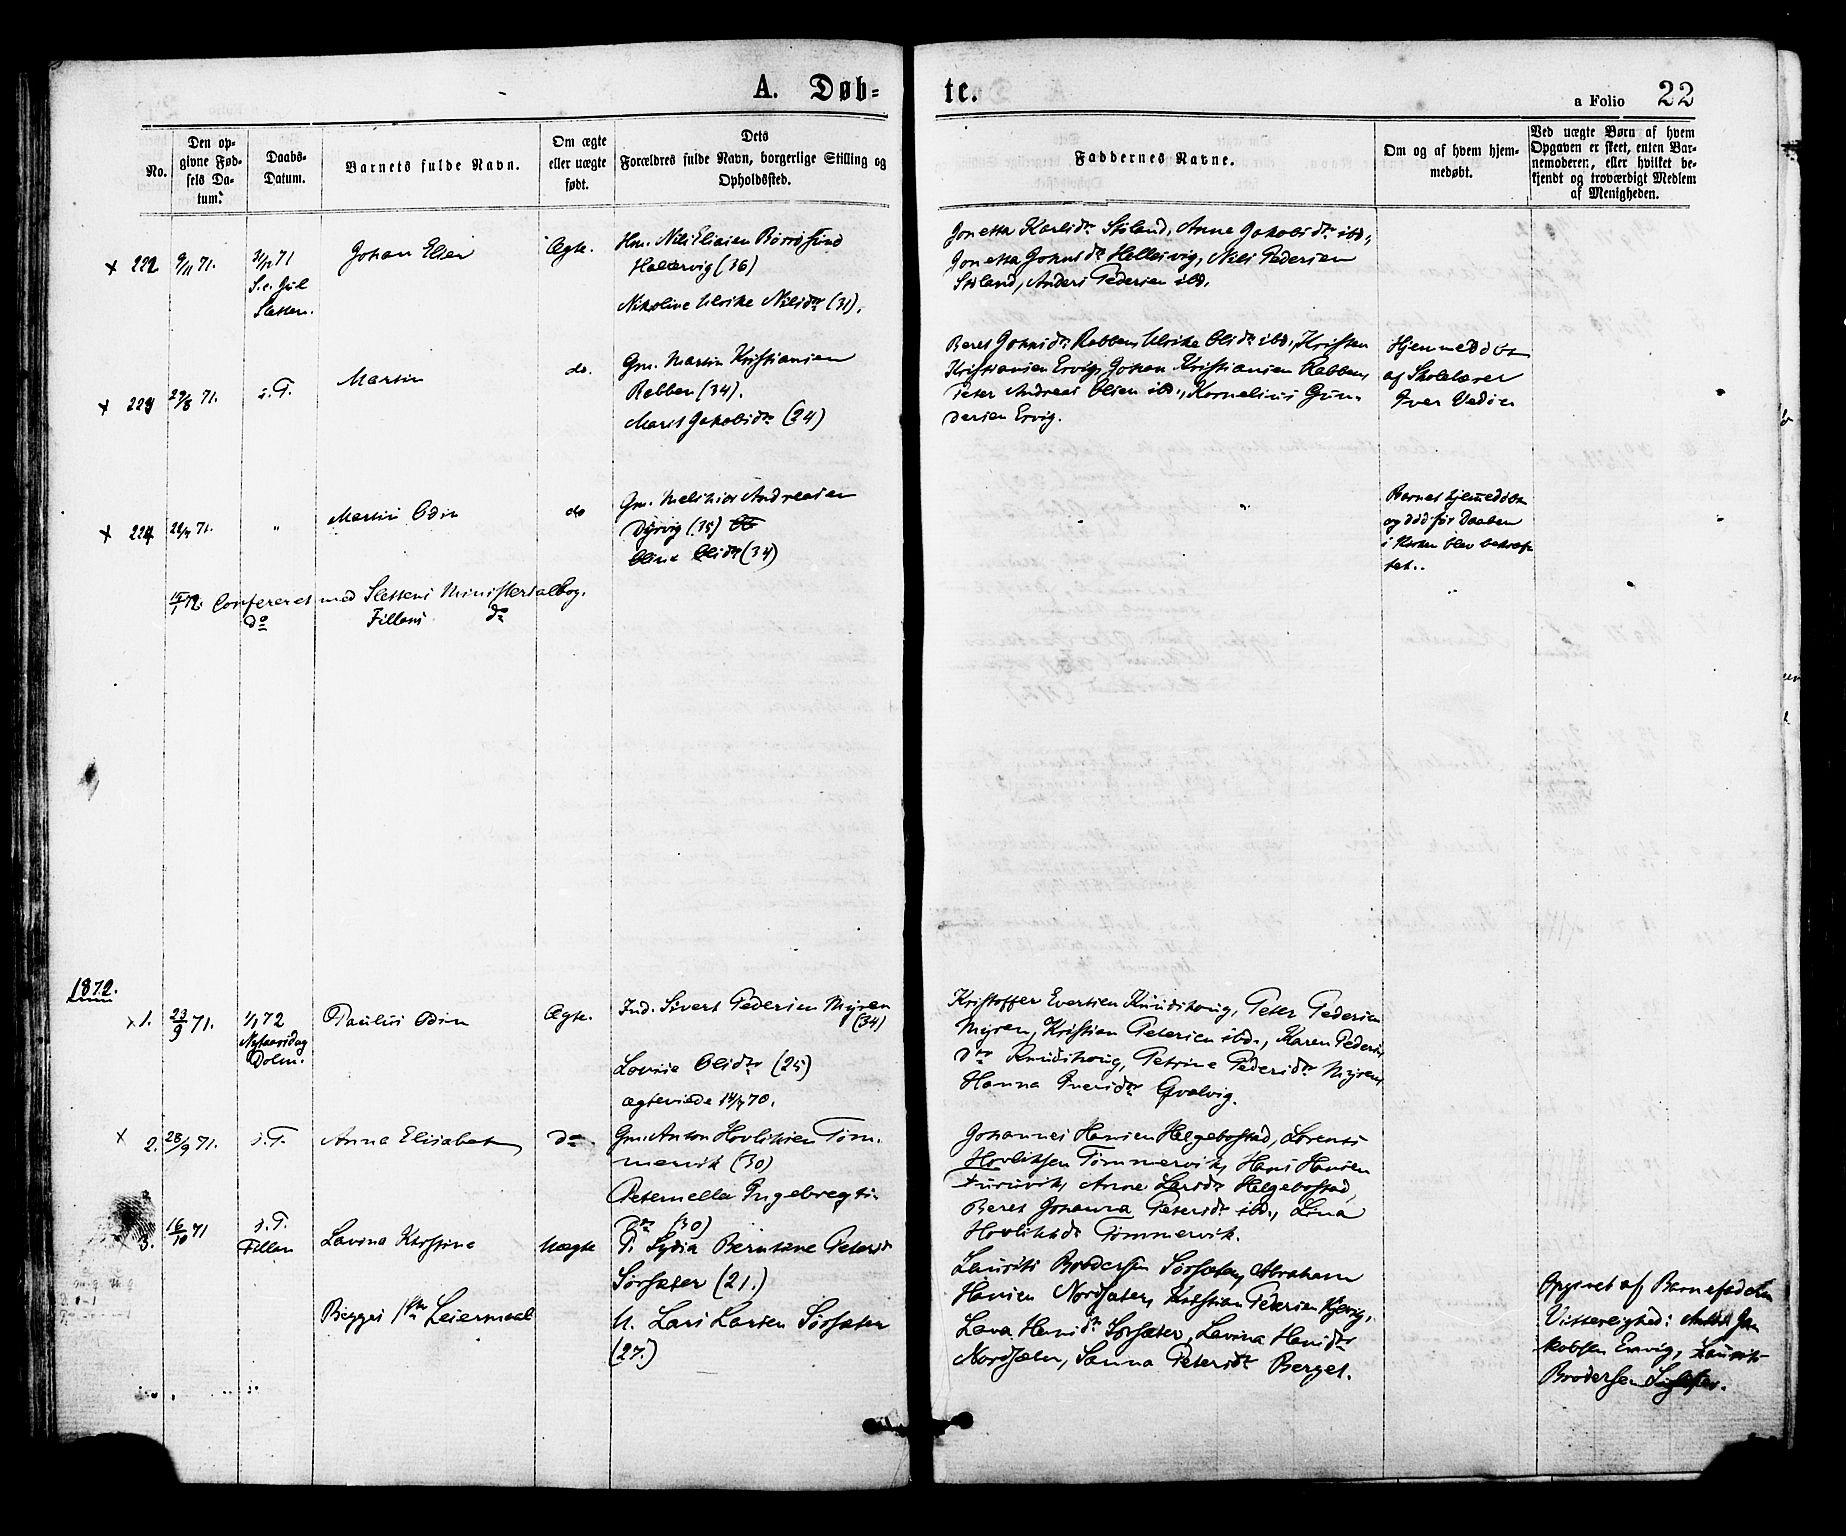 SAT, Ministerialprotokoller, klokkerbøker og fødselsregistre - Sør-Trøndelag, 634/L0532: Ministerialbok nr. 634A08, 1871-1881, s. 22